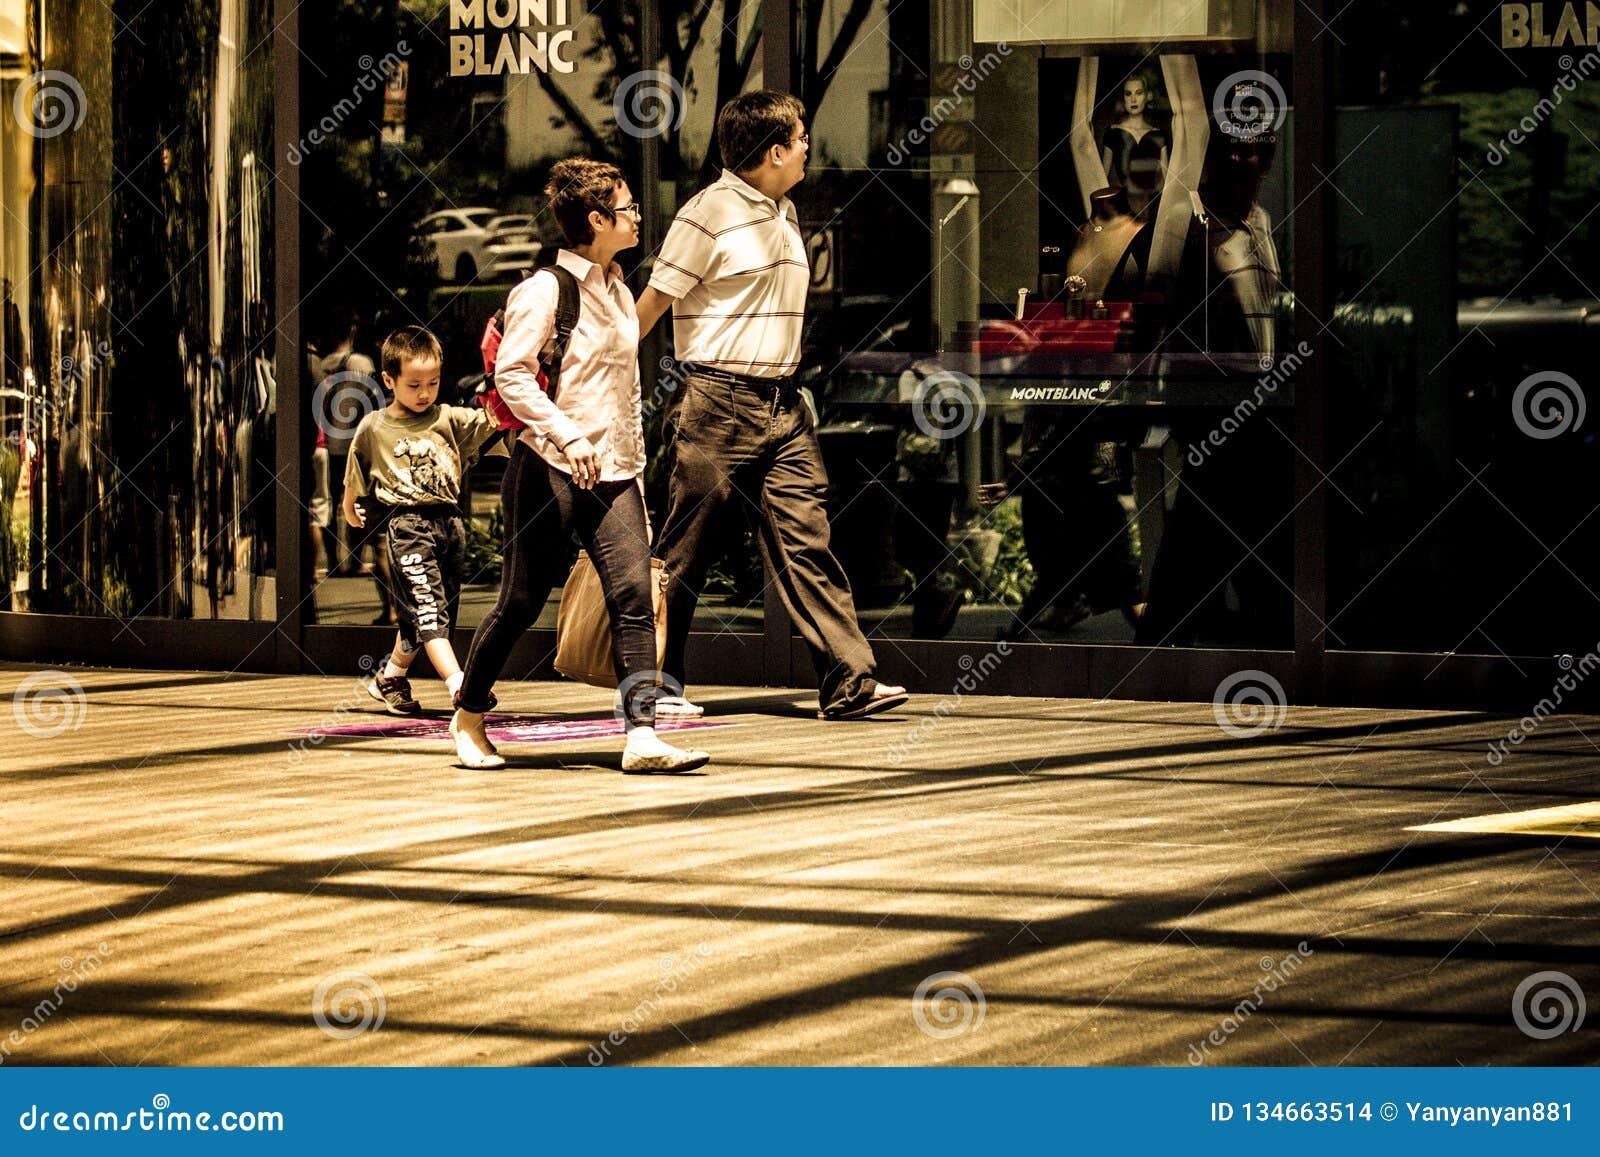 Familia de tres paseos a través de la tienda al por menor de Mont Blanc en compras de gama alta